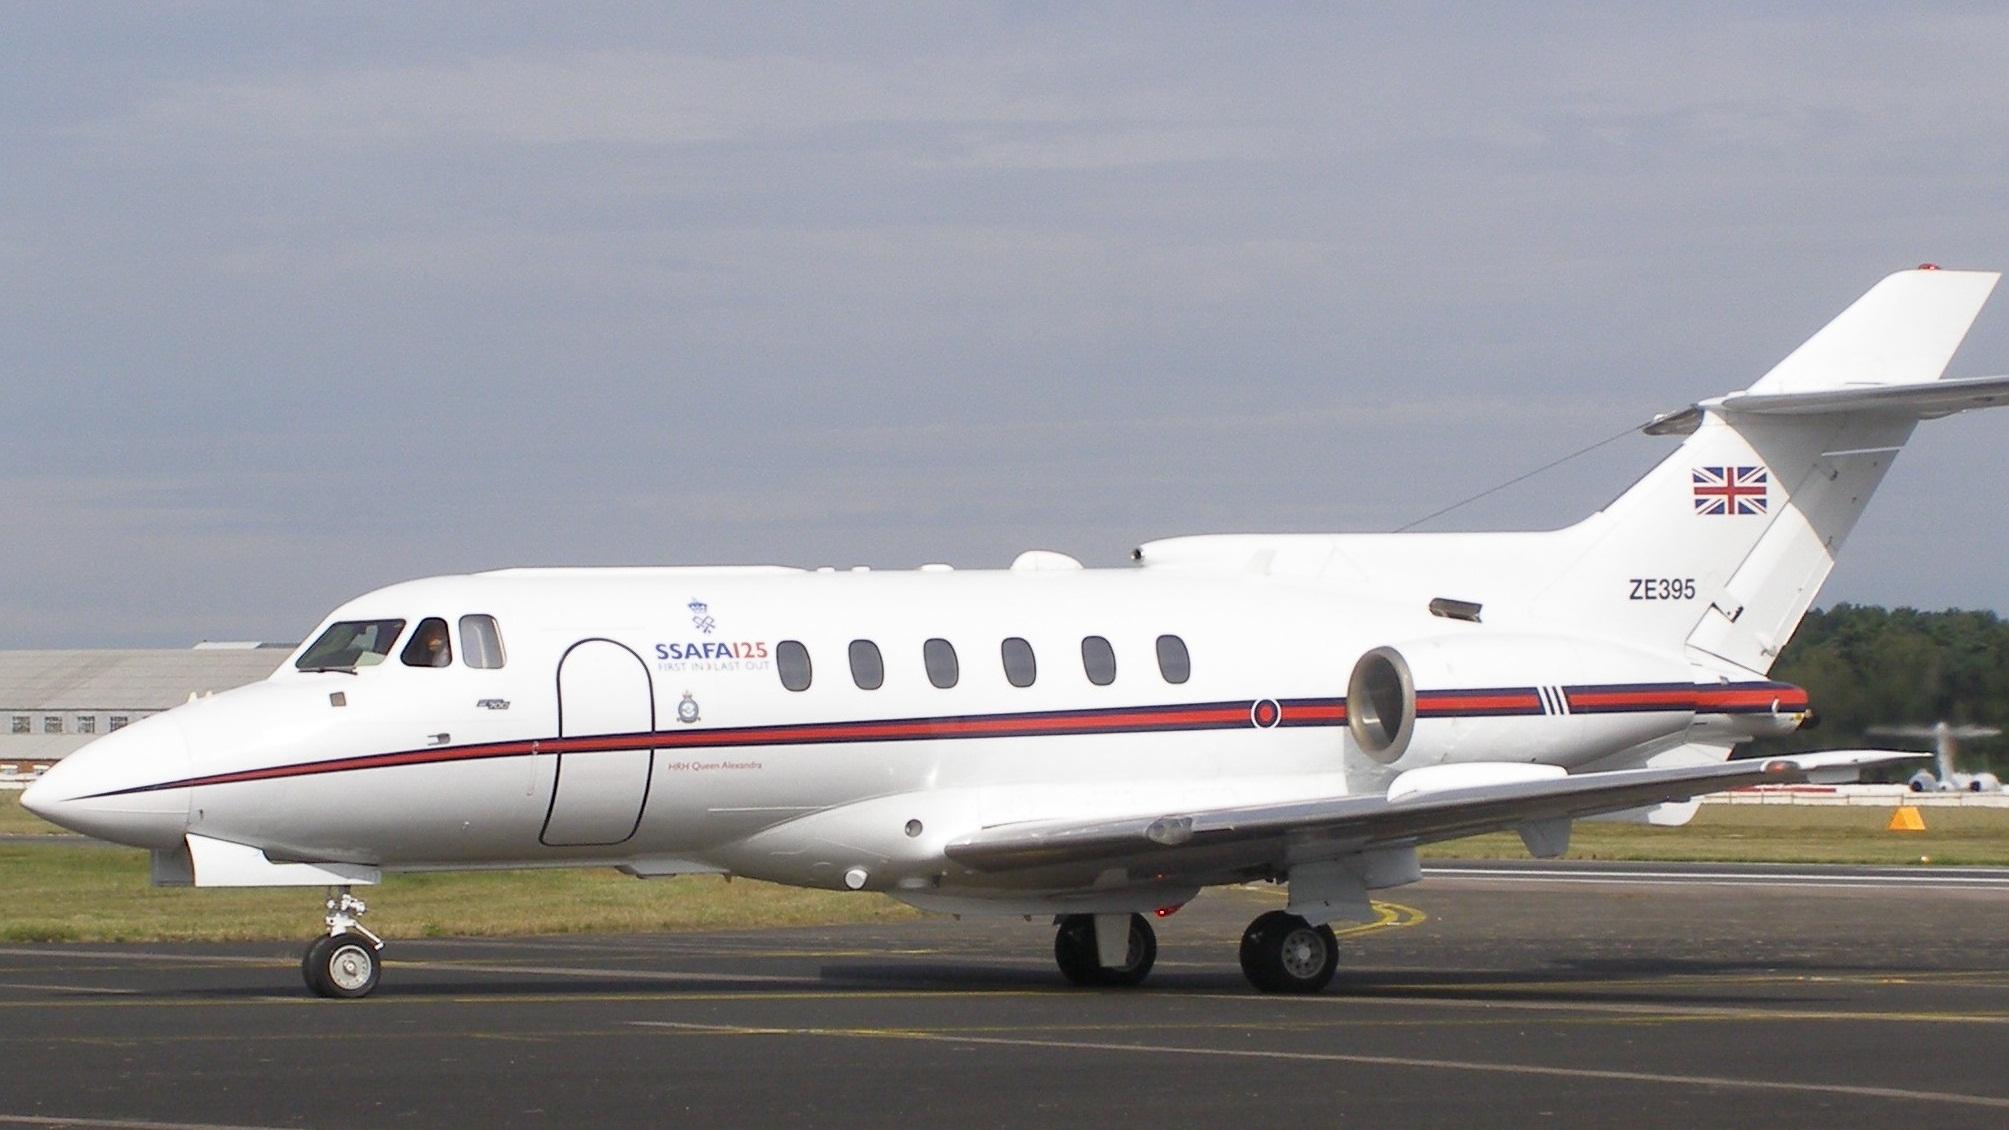 Tribunal de CuentasDictamen sobre avión presidencial va contra la jurisprudencia del organismo, dice ministro del PN